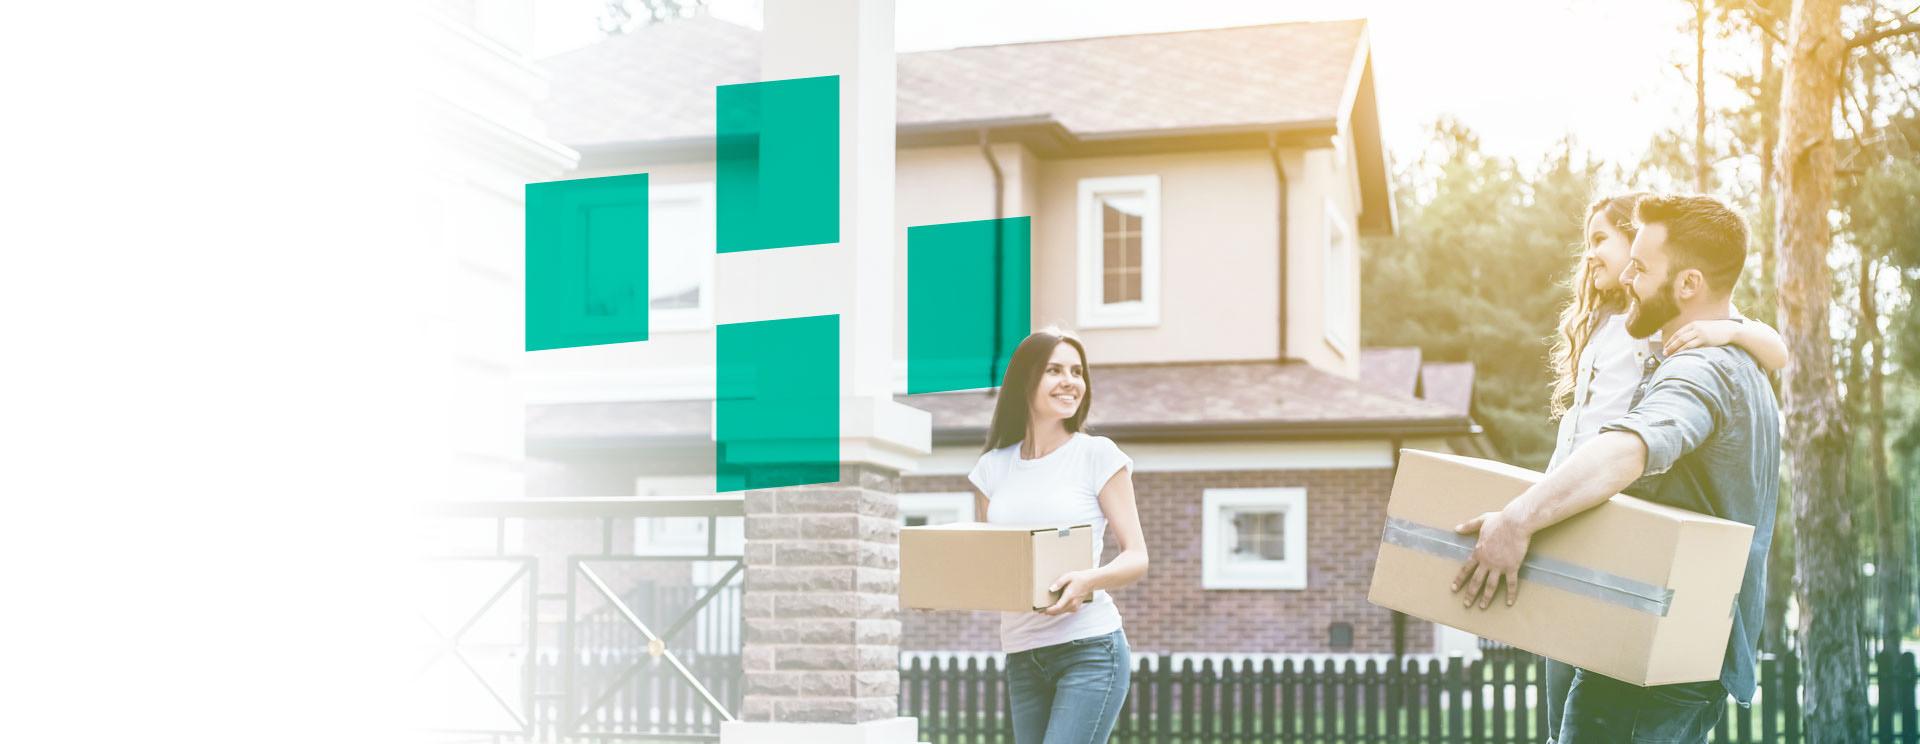 Conseils sur mesure pour prêt hypothécaire